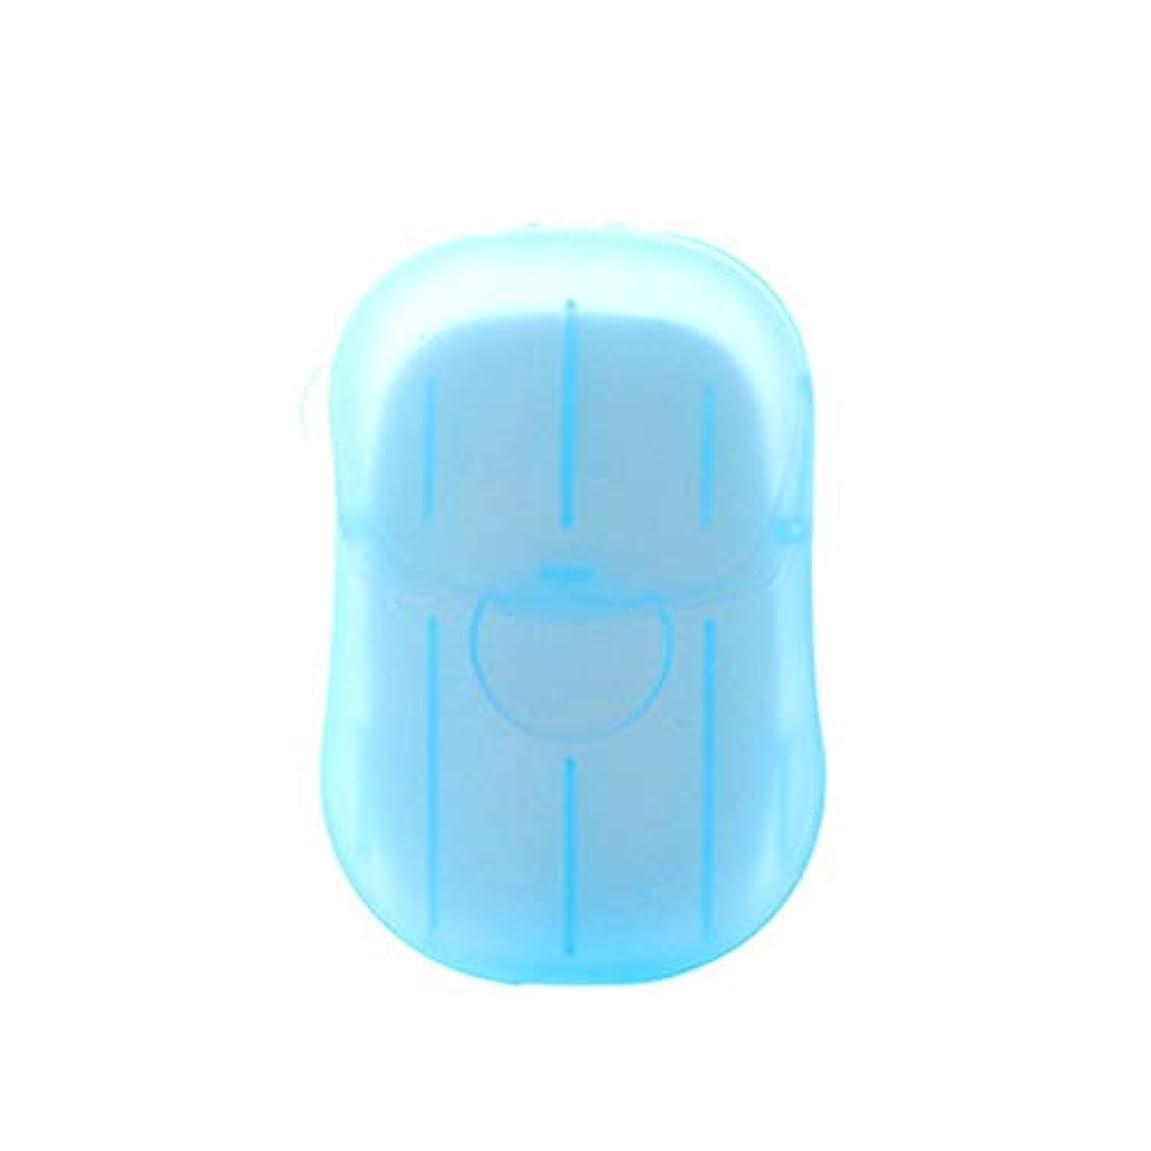 漏斗永遠に独立したGalapara 紙石鹸 使い捨て石鹸ケース 20枚石鹸ペーパー香料入り 旅行用品